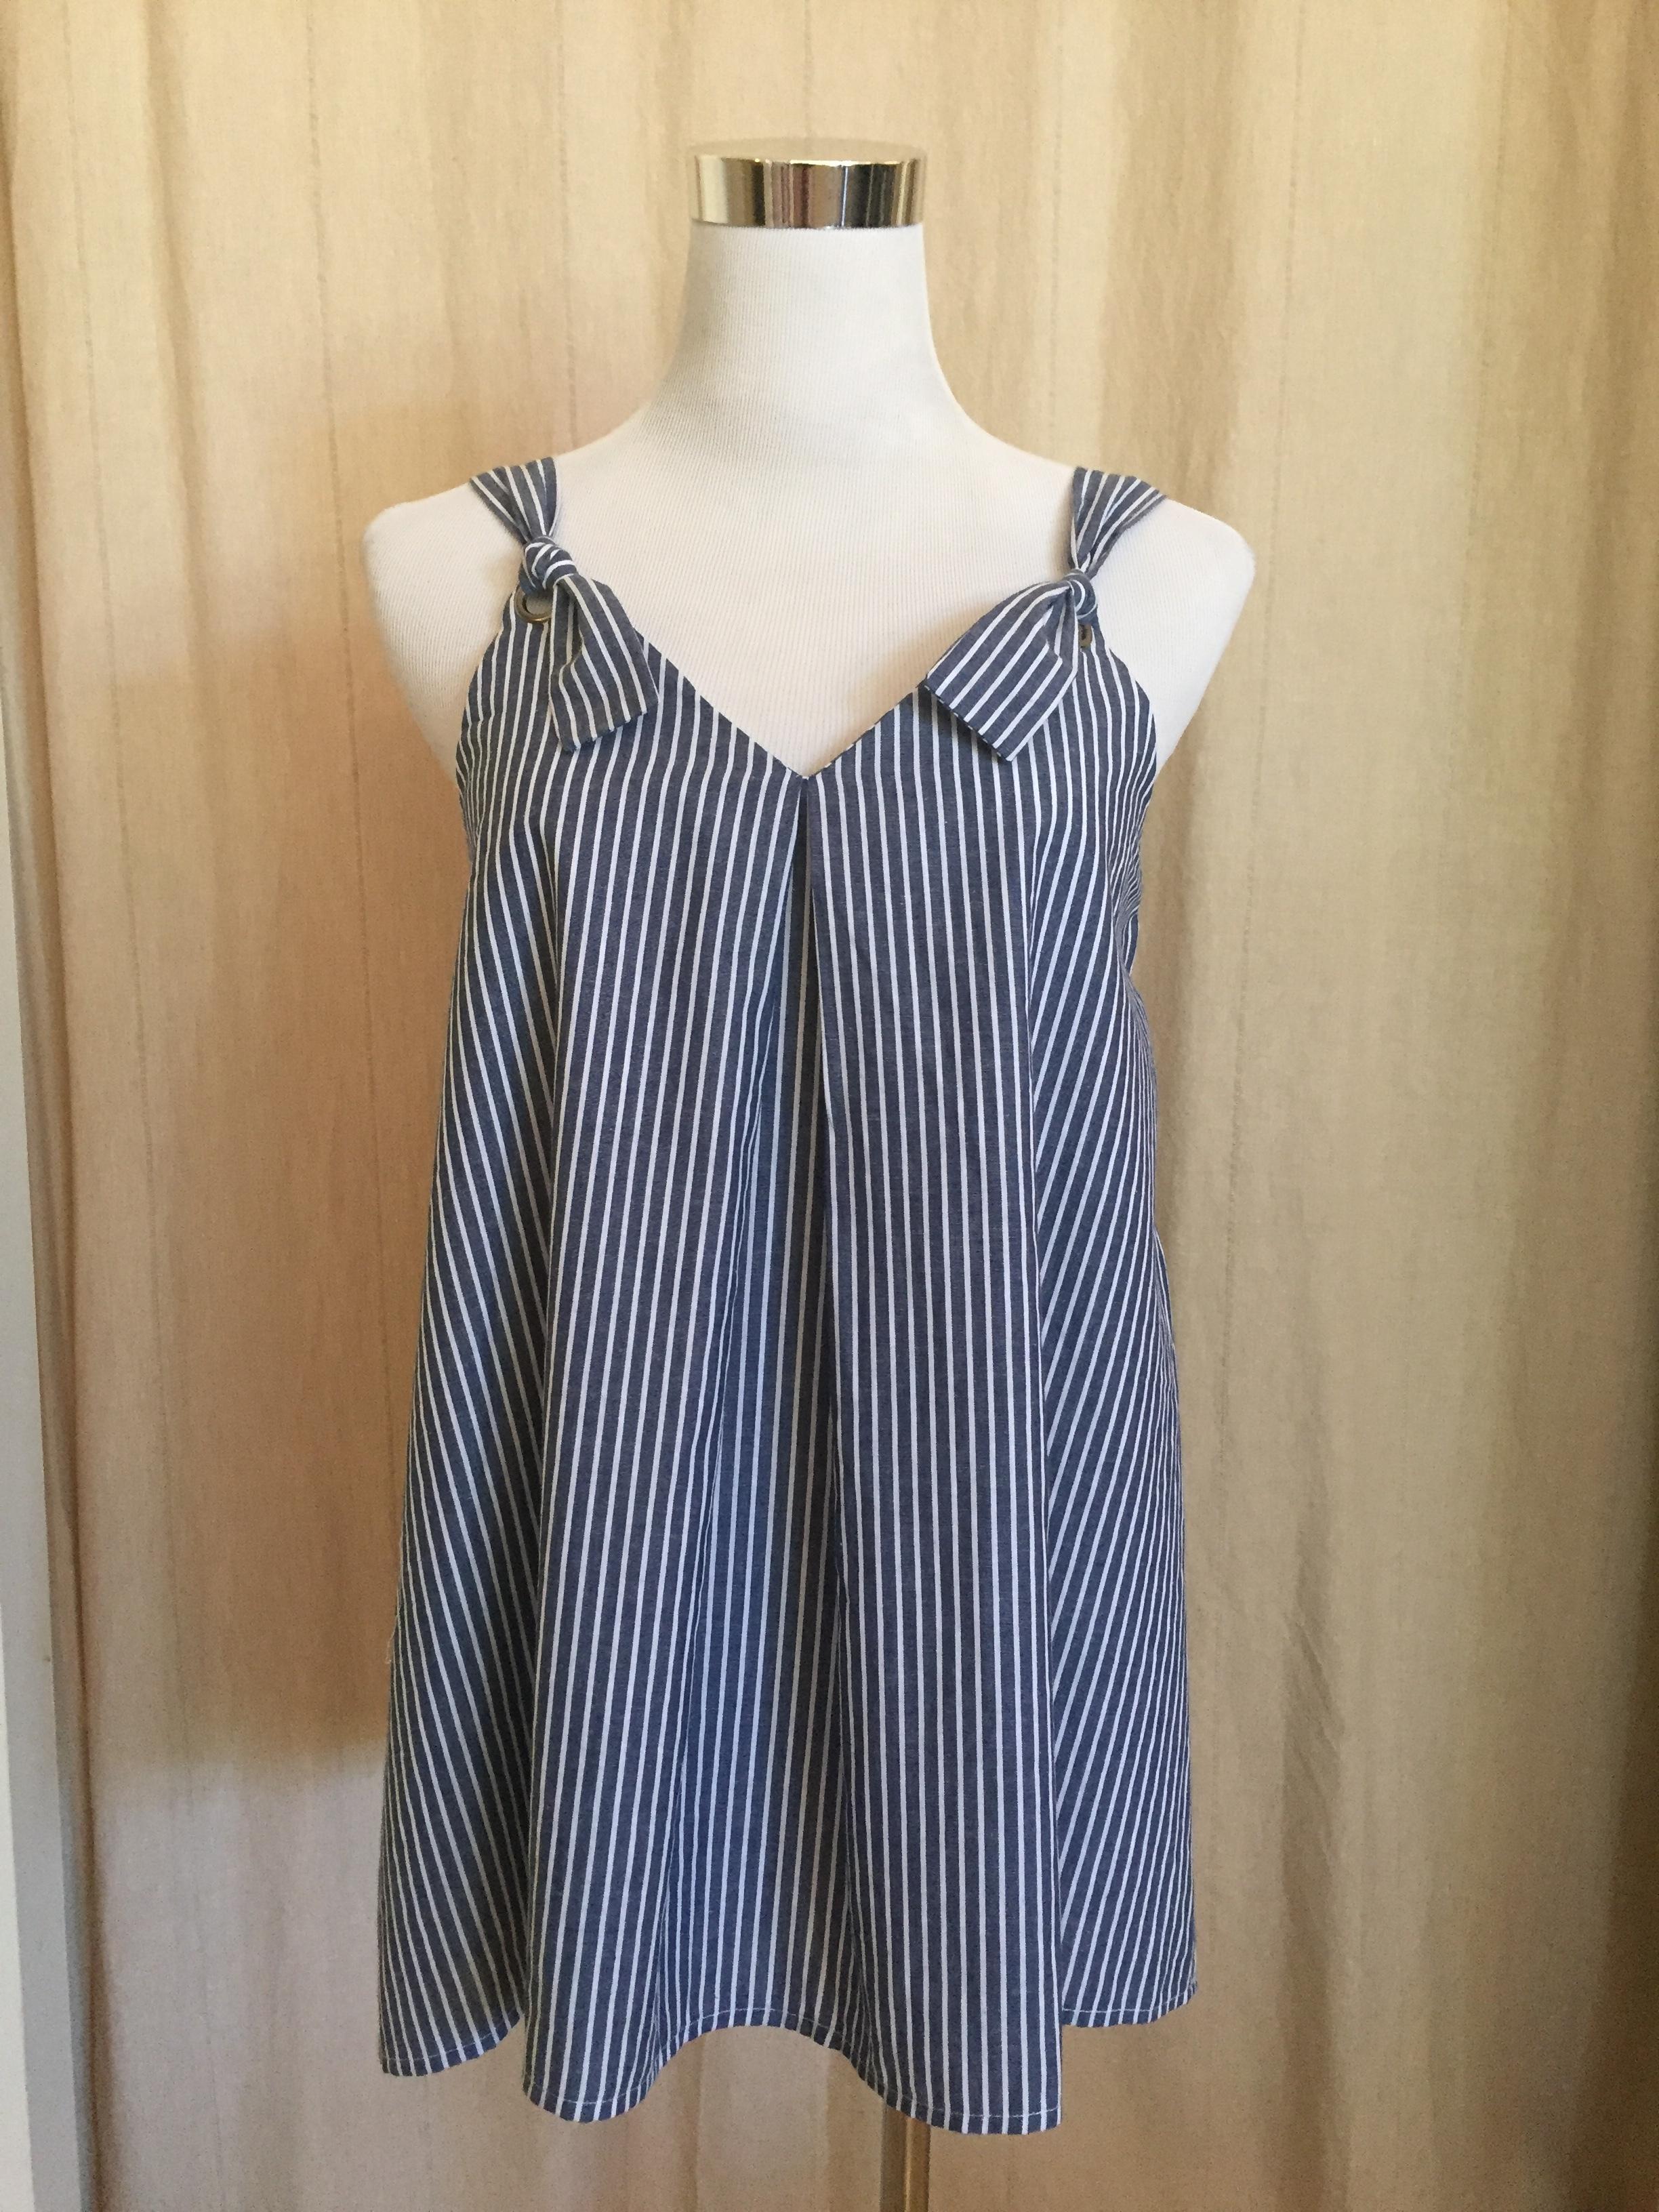 Sail Away Stripe Top, $32